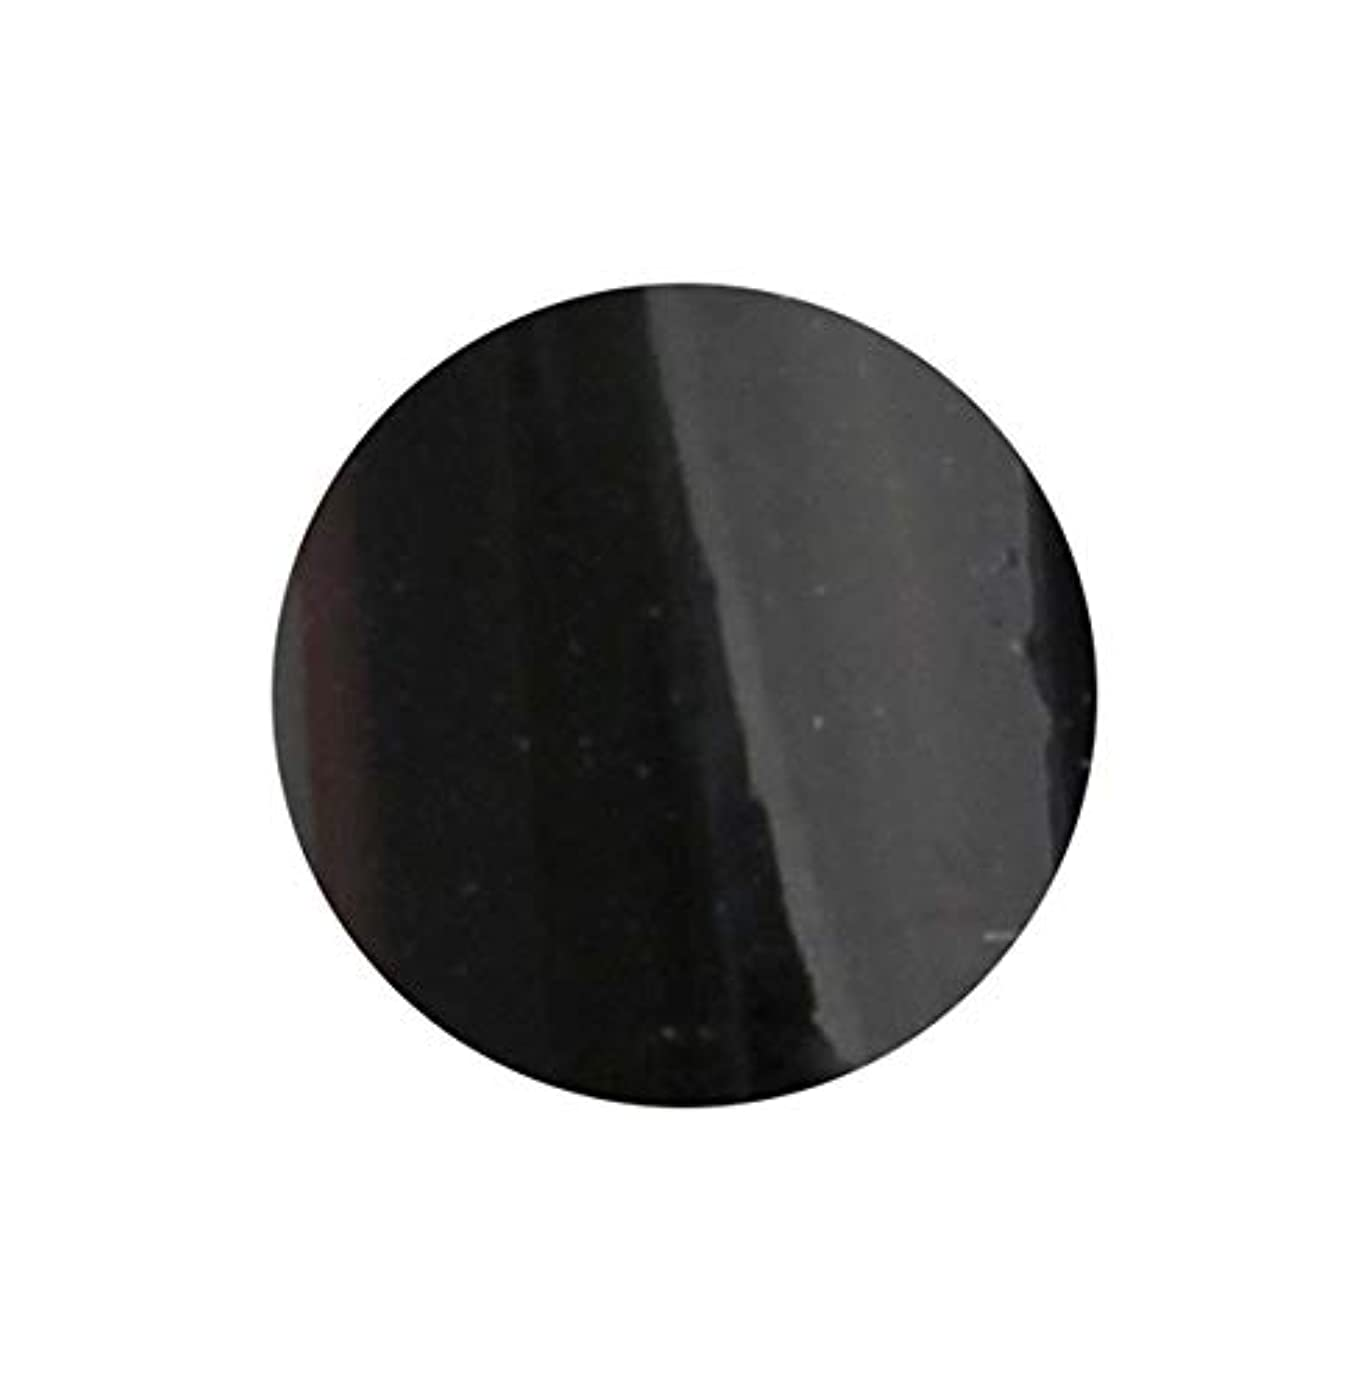 避難アシスト力強いSHAREYDVA シャレドワ+ ネイルカラー No.33 ブラック